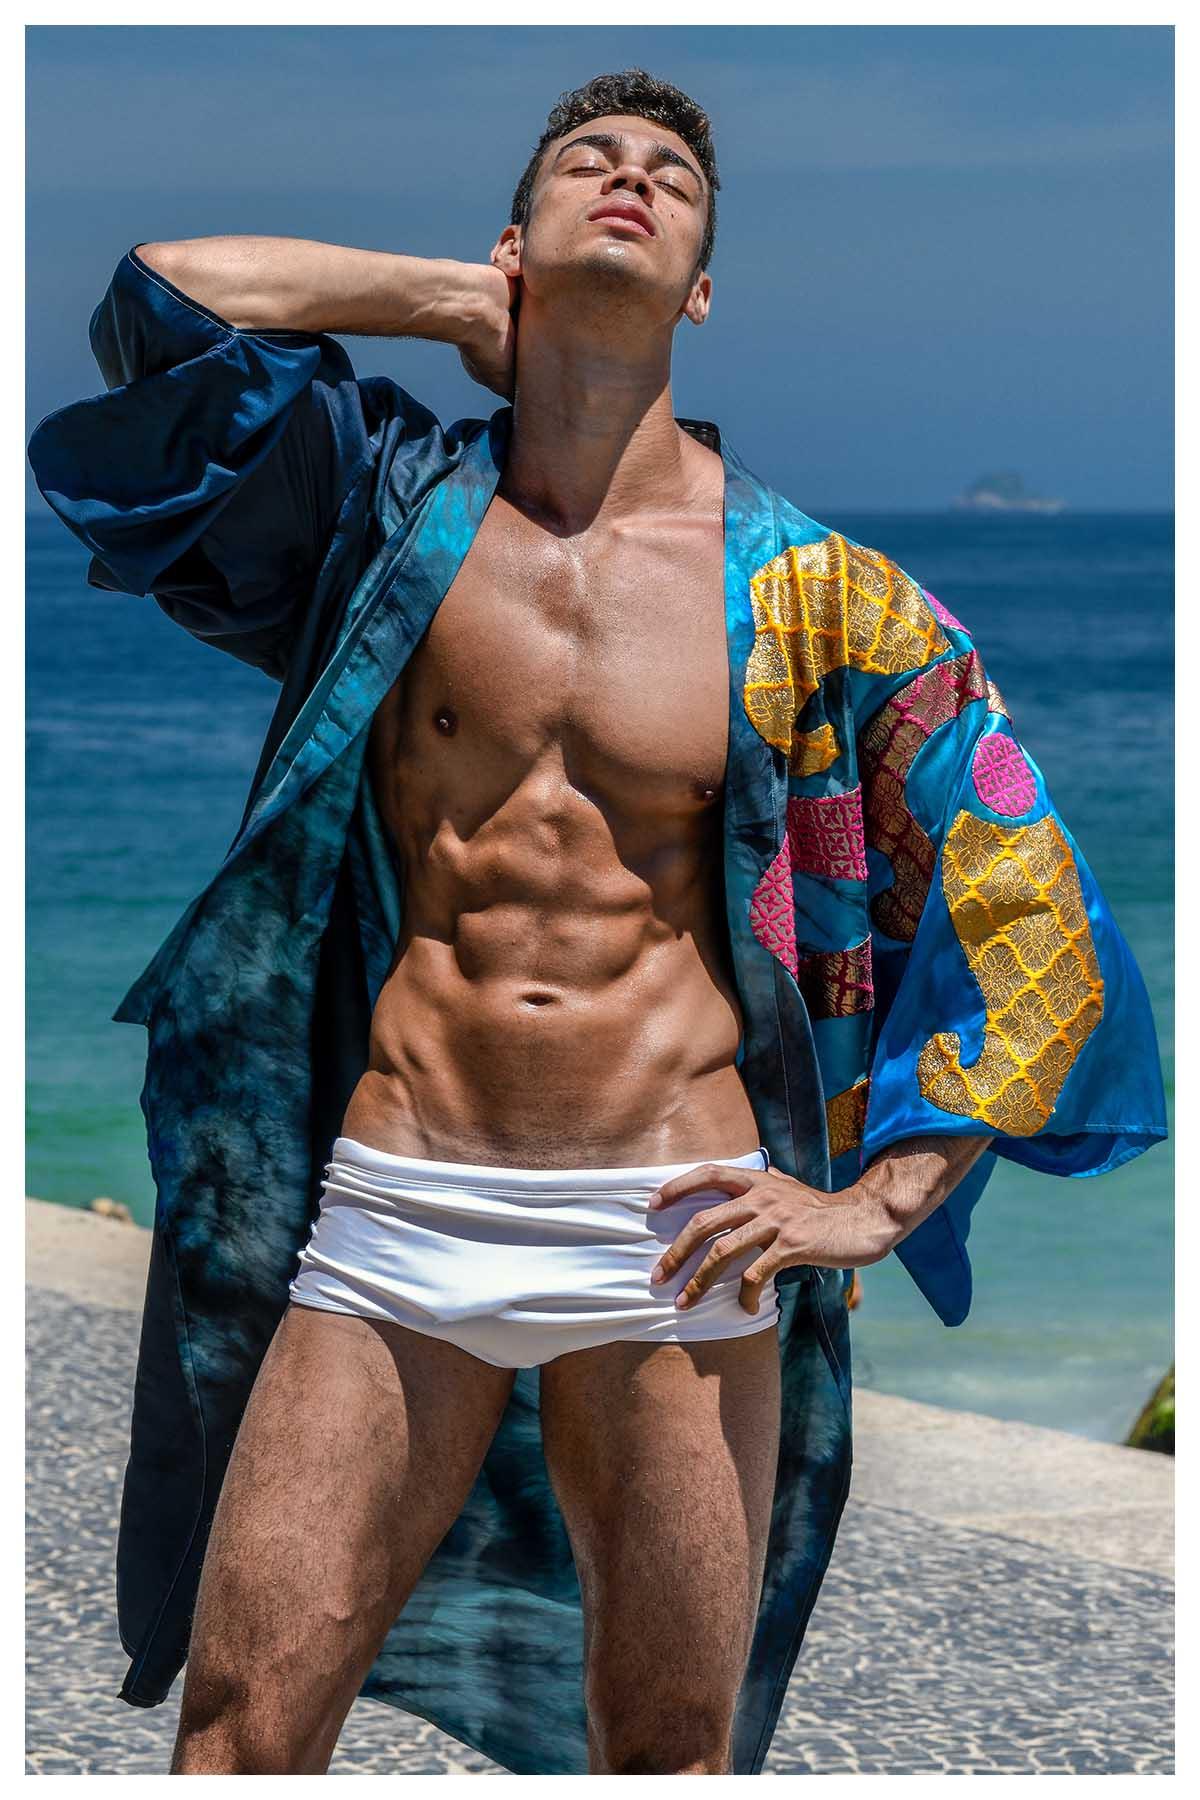 Gabriel Jayme by Wittaya Finn Sumranklang for Brazilian Male Model